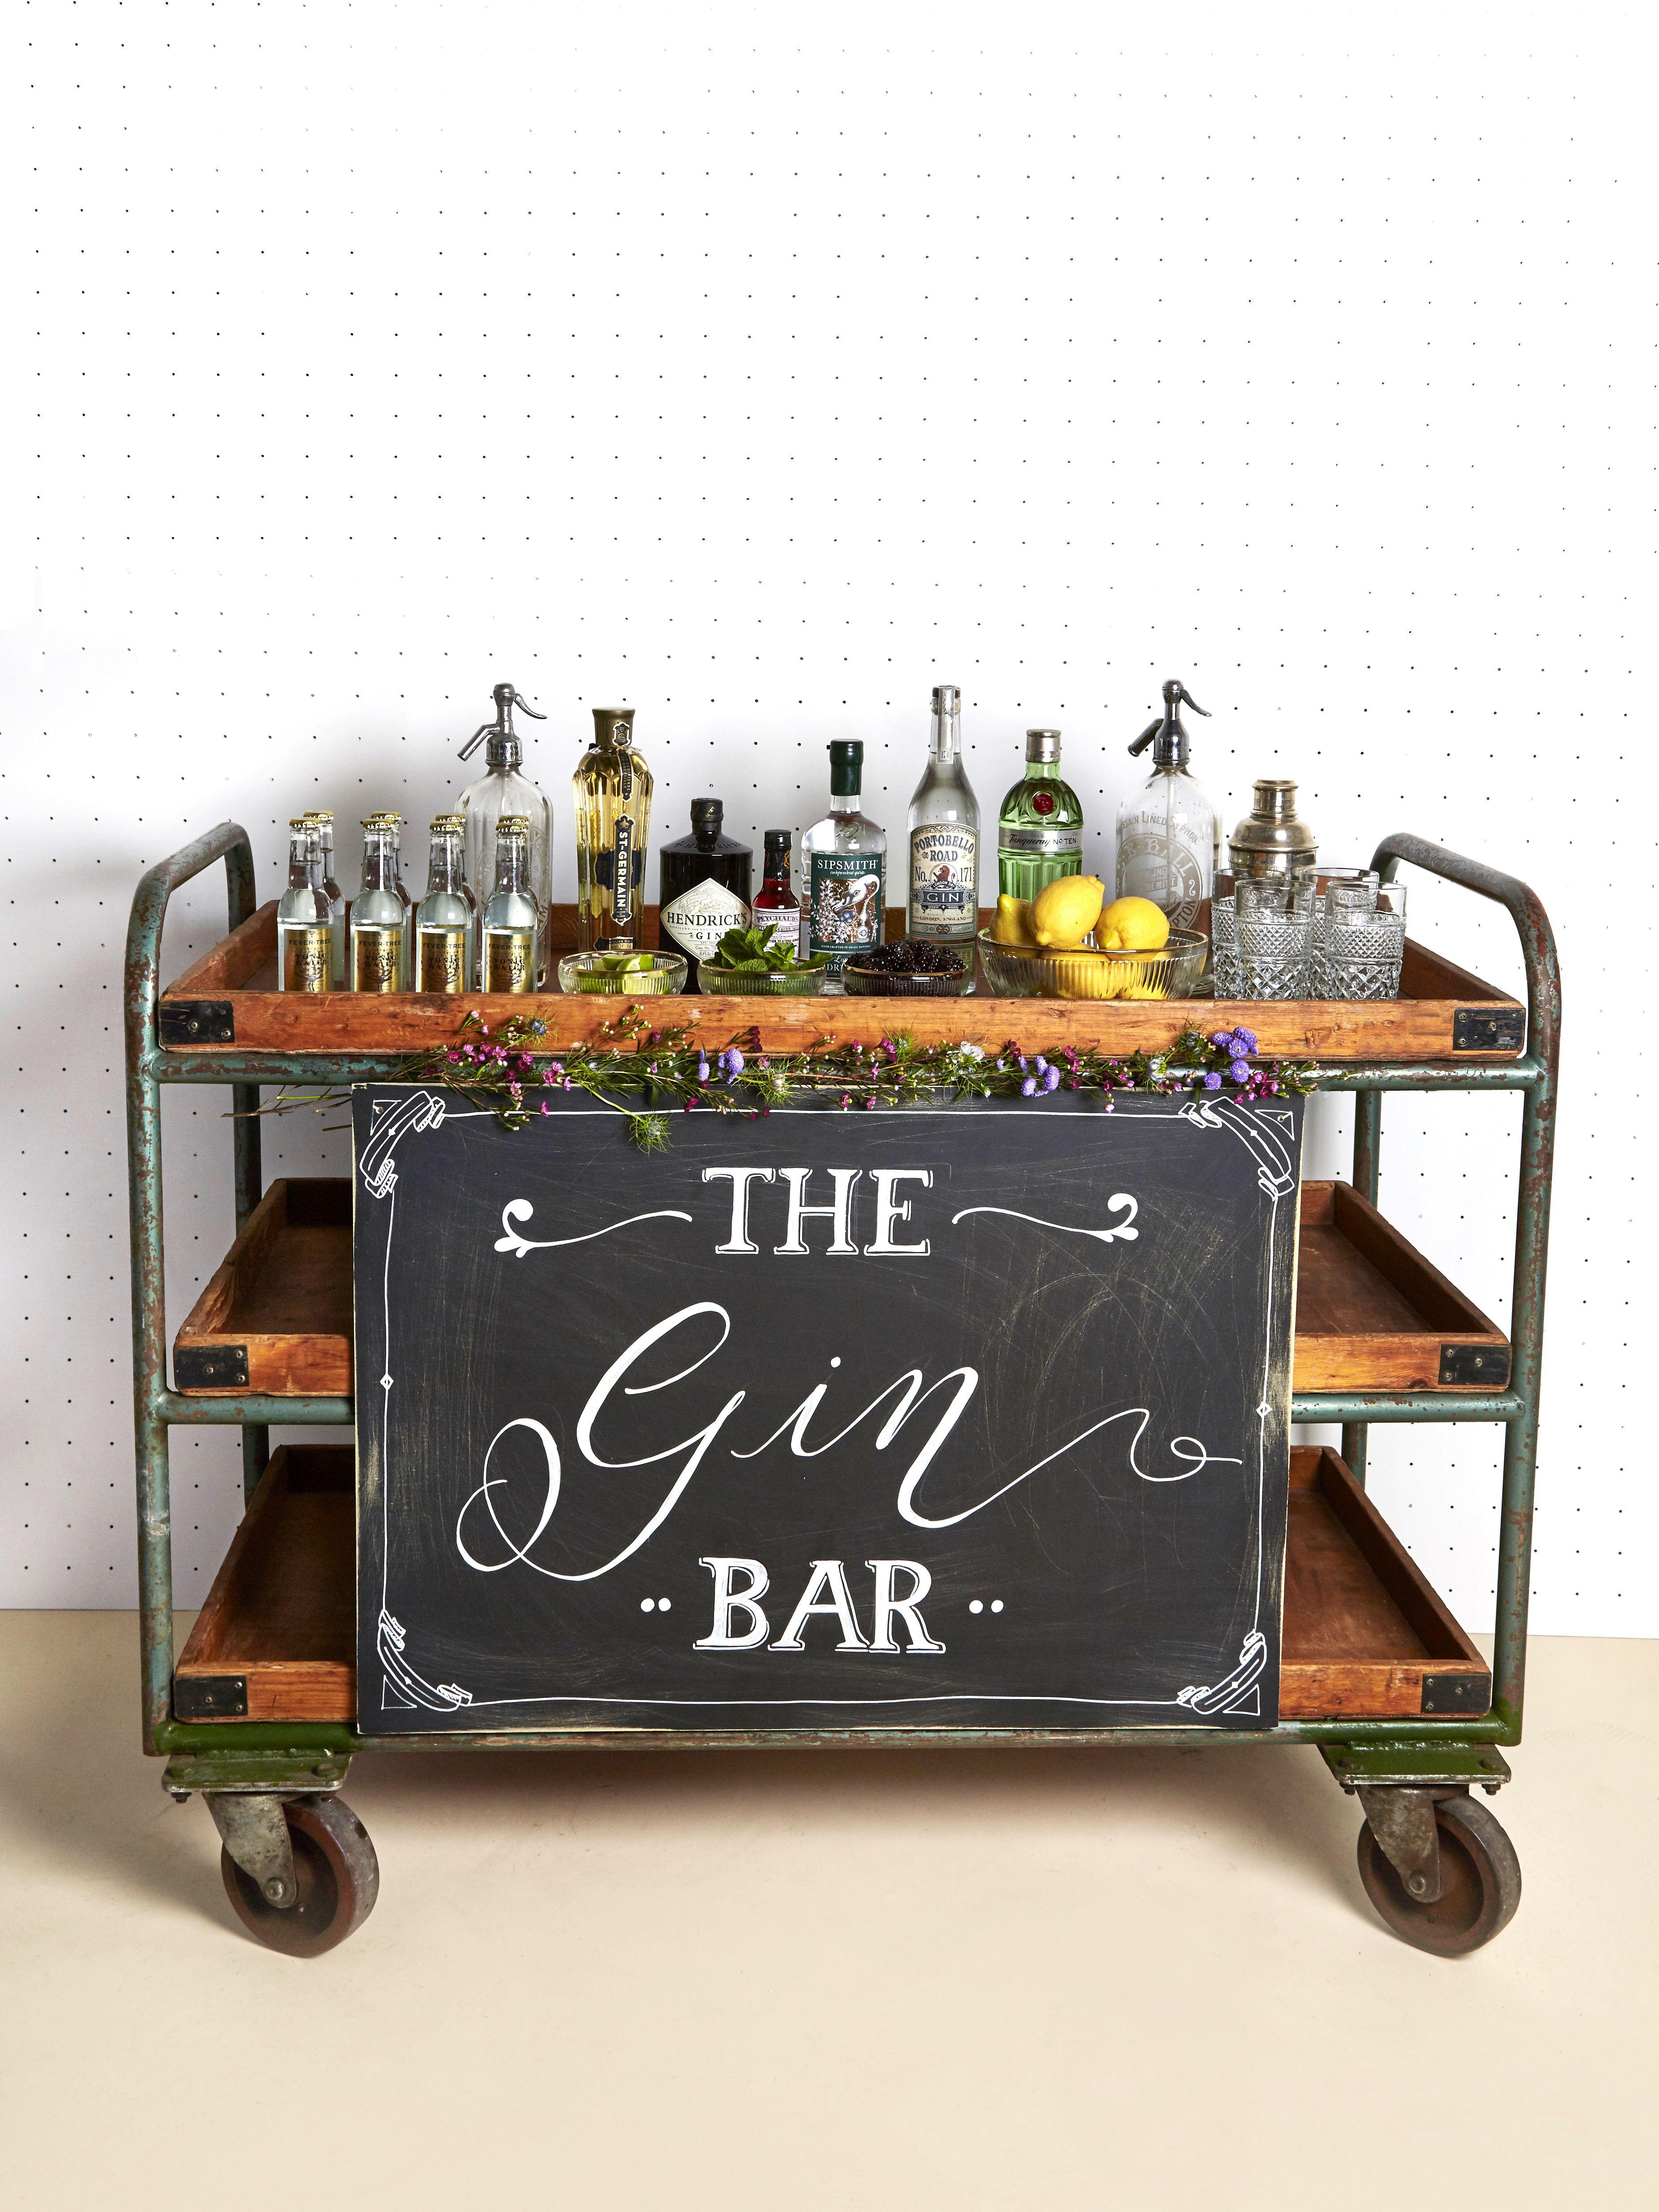 die besten 25 gin bar ideen auf pinterest gartenbar diy gartenm bel und servierwagen f r drau en. Black Bedroom Furniture Sets. Home Design Ideas